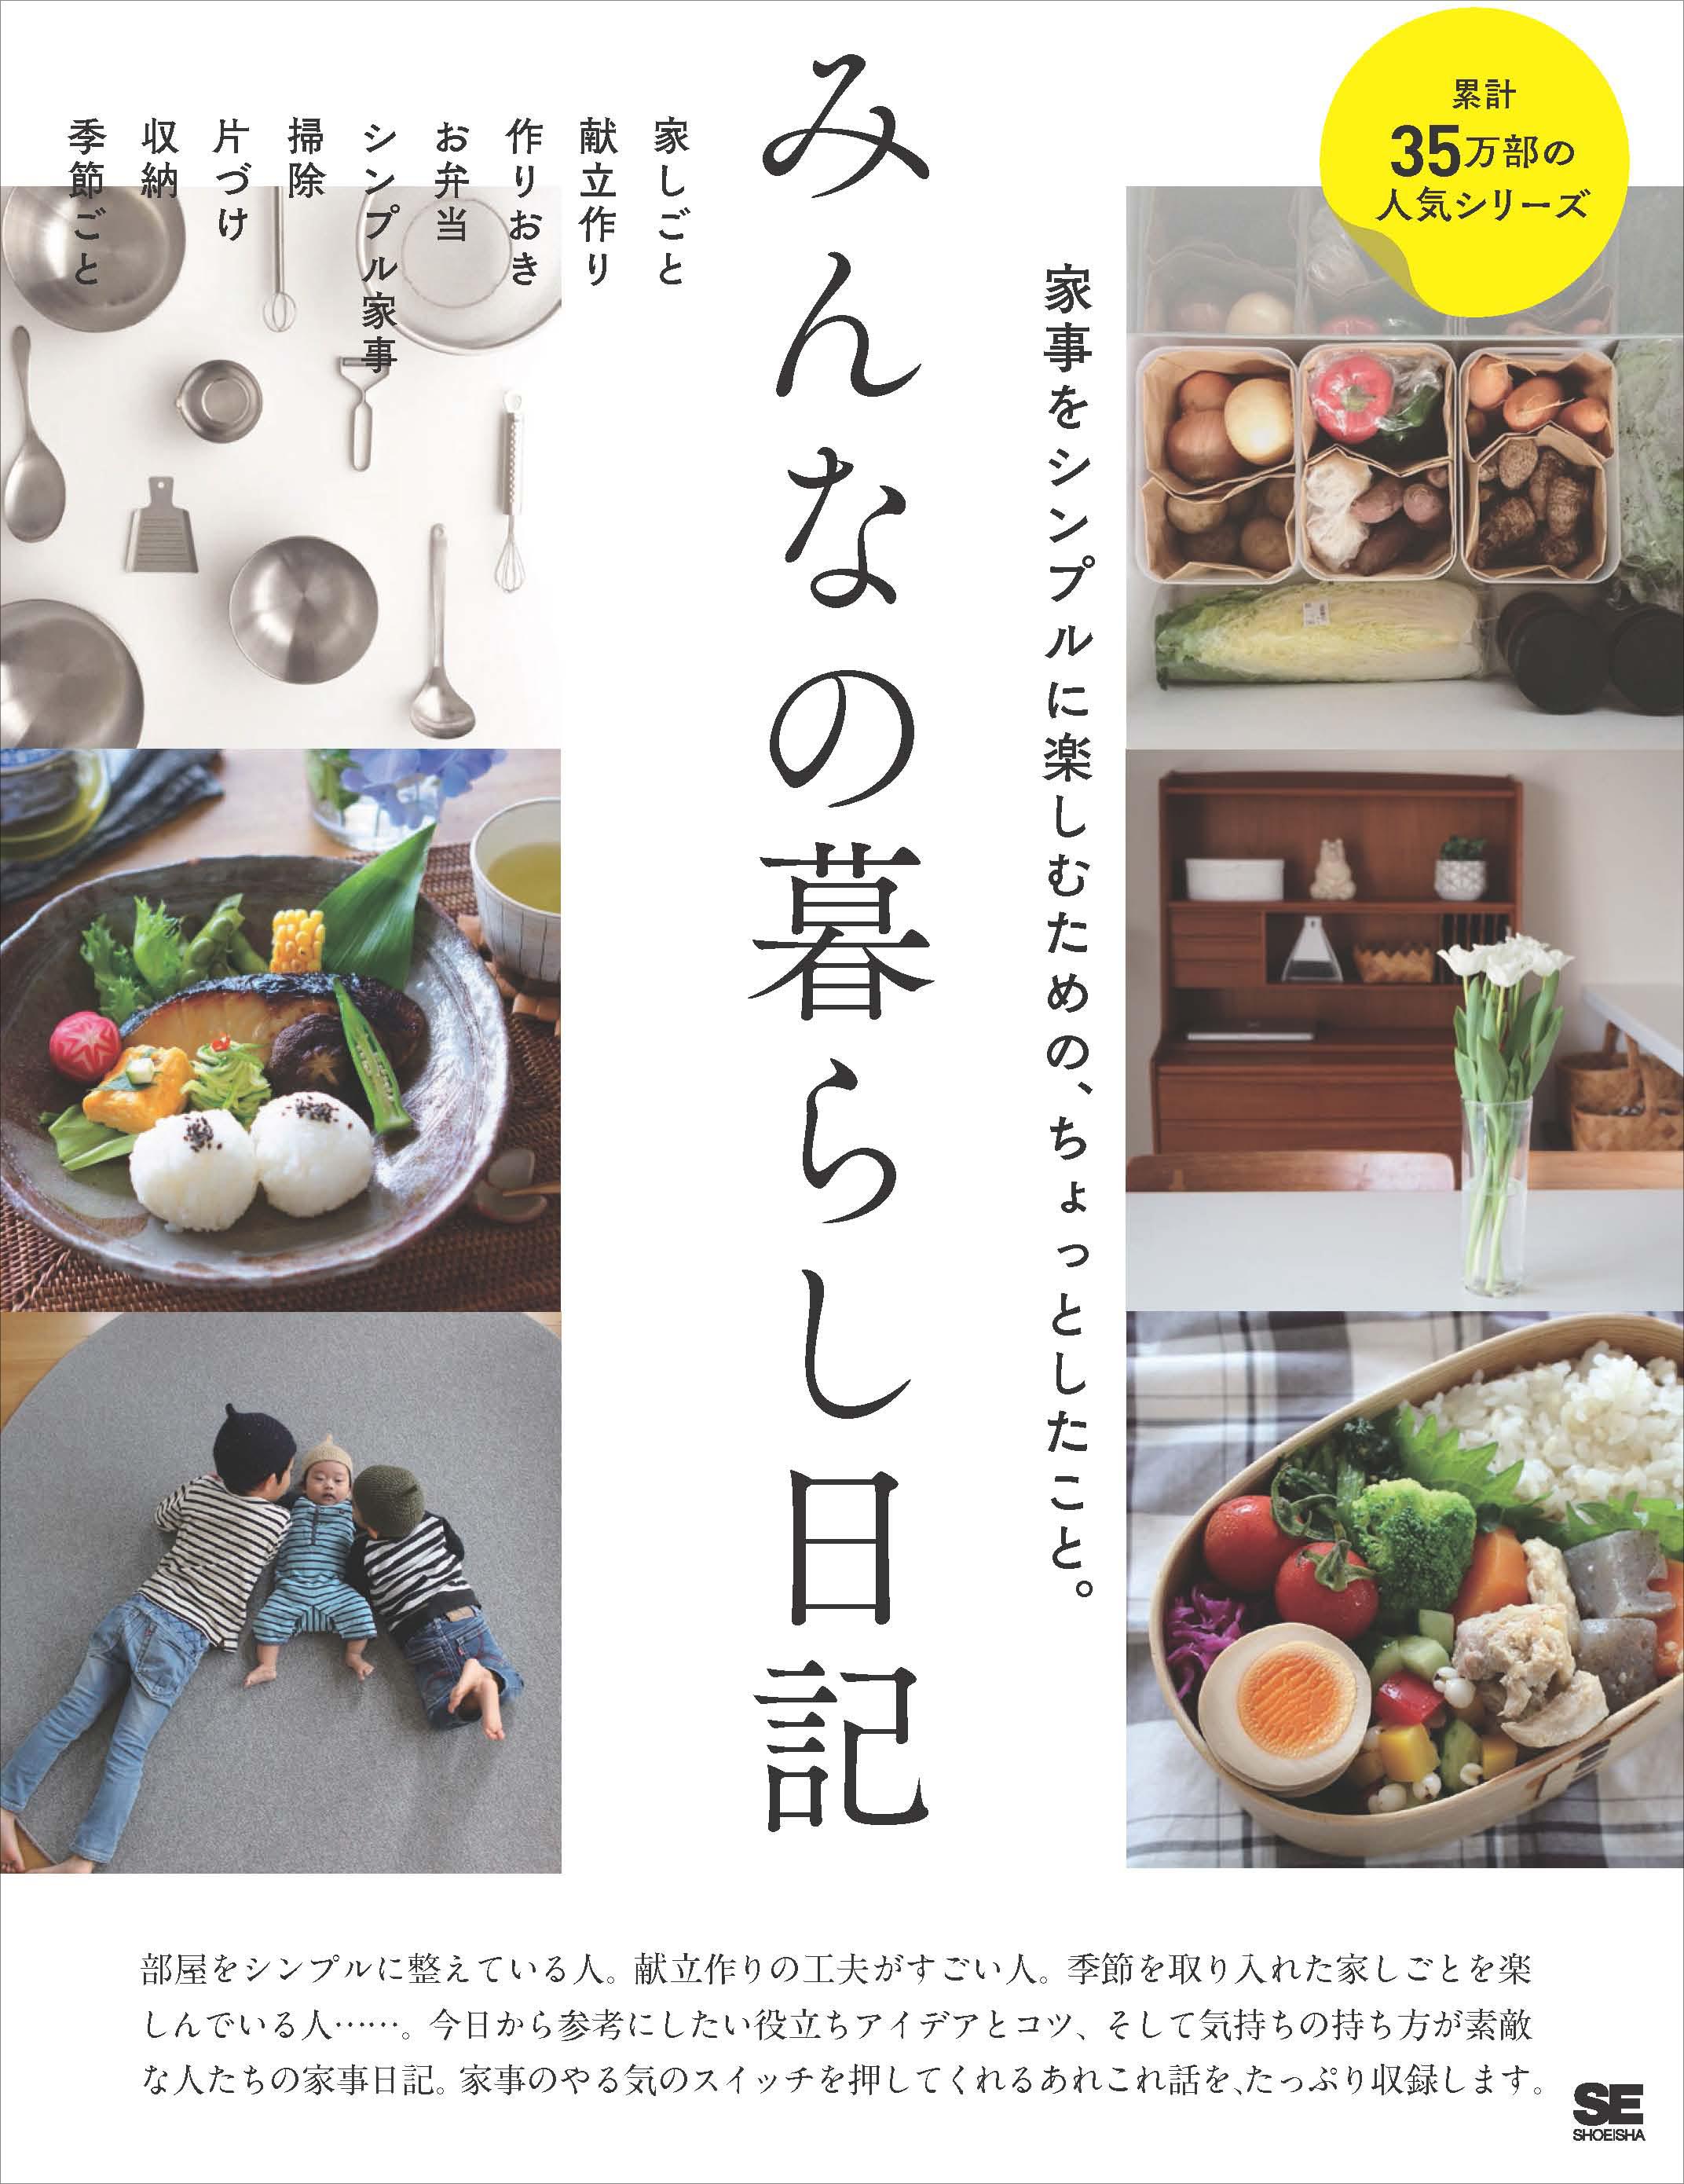 【近日発売予定の書籍】『みんなの暮らし日記』(翔泳社)